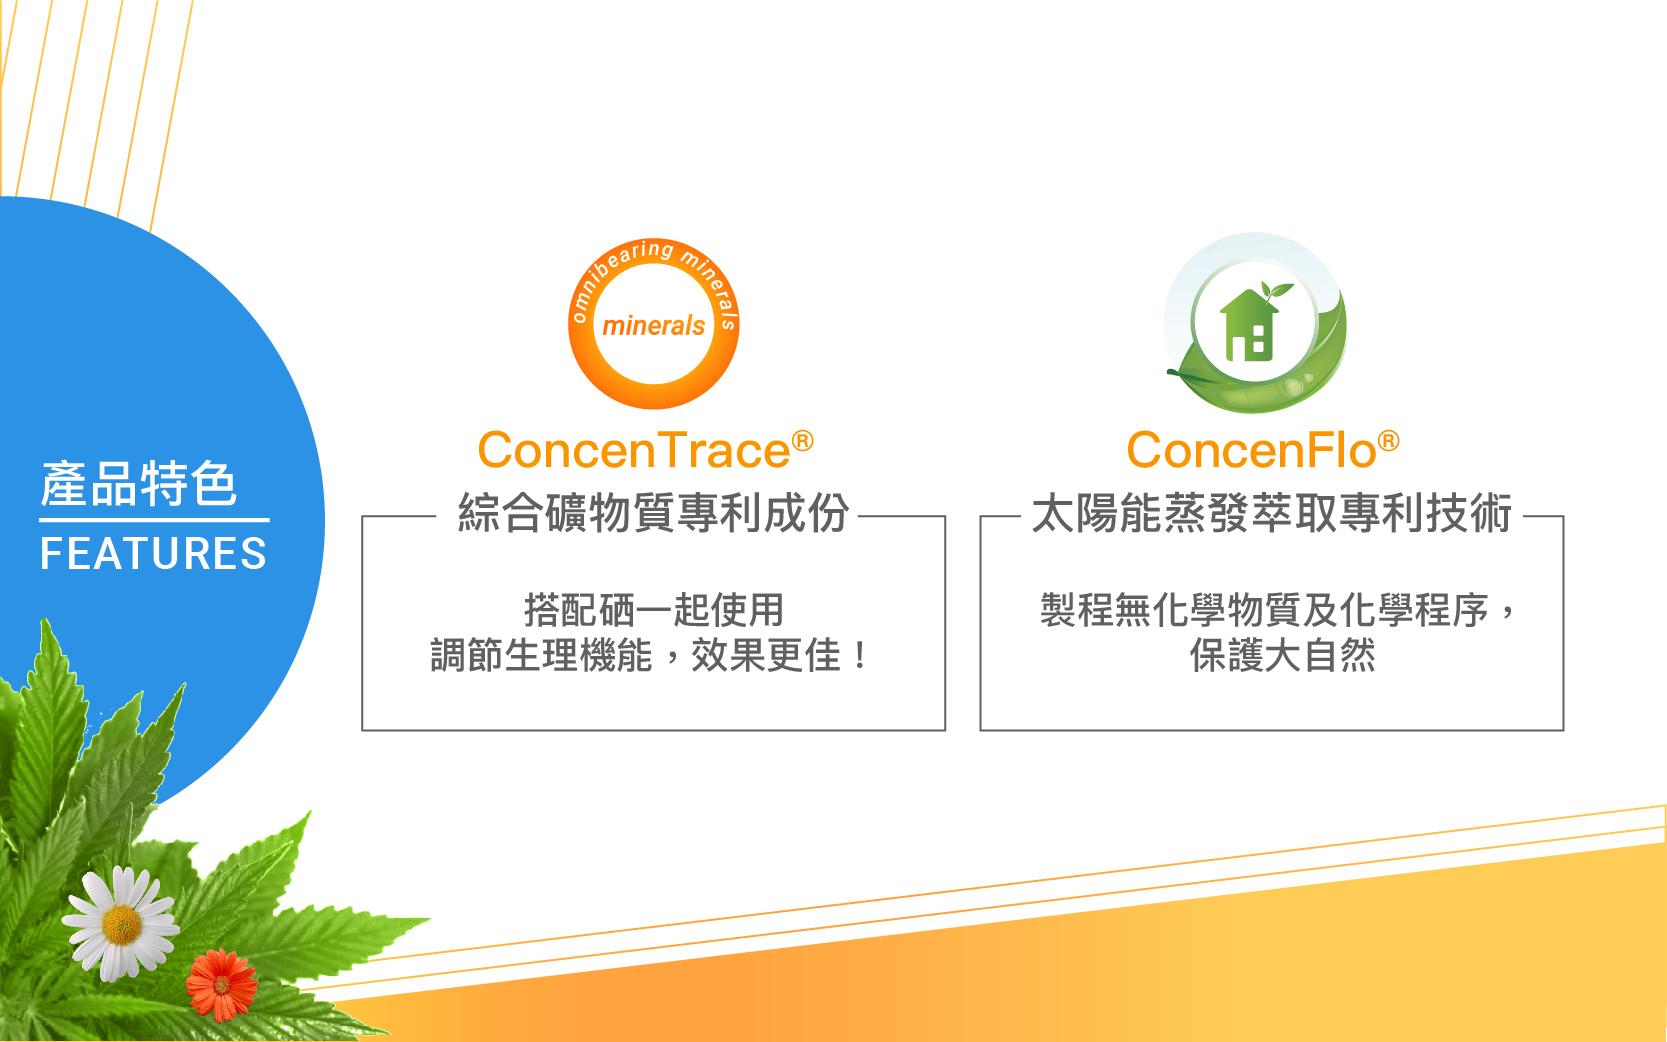 萃思鎂 液態硒-兩大特色:(1)綜合礦物質專利成分,搭配鎂一起使用,調節生理機能,效果更好。(2)太陽能蒸發萃取專利技術,製程無化學物質、無化學程序。